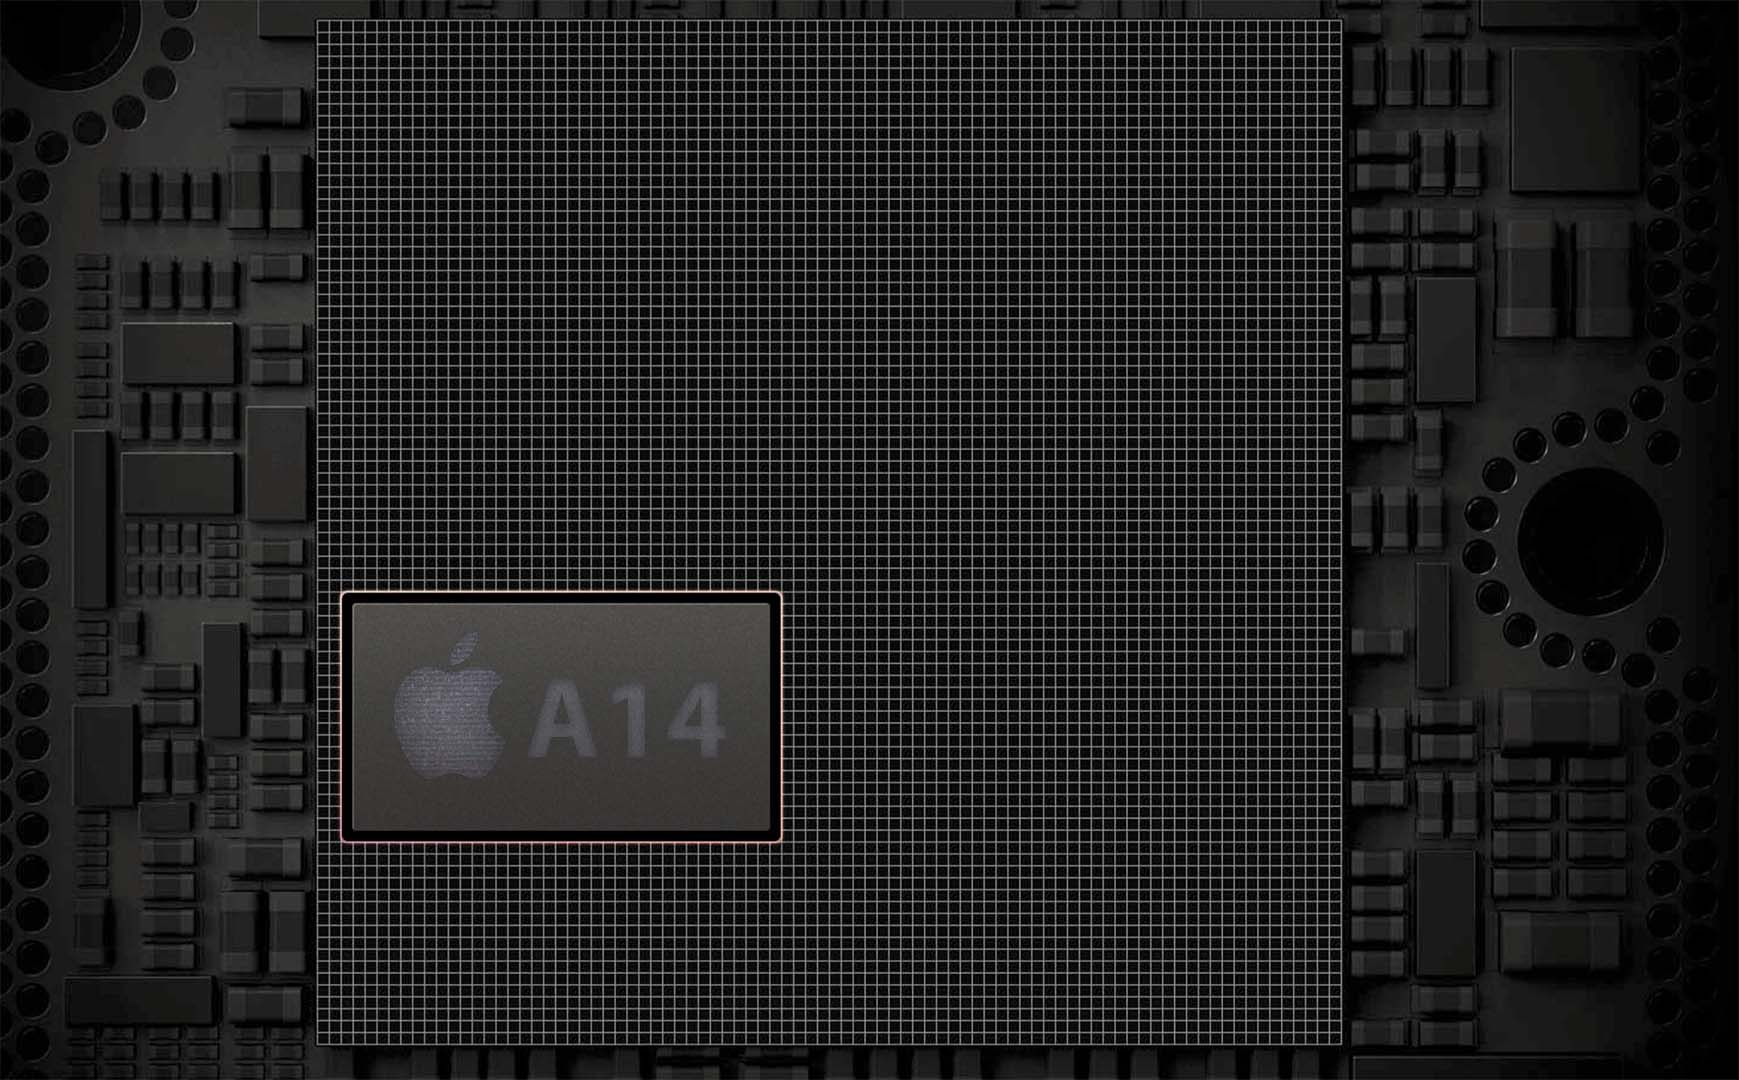 De iPhone 12 wordt de eerste smartphone met een 5nm chipset.